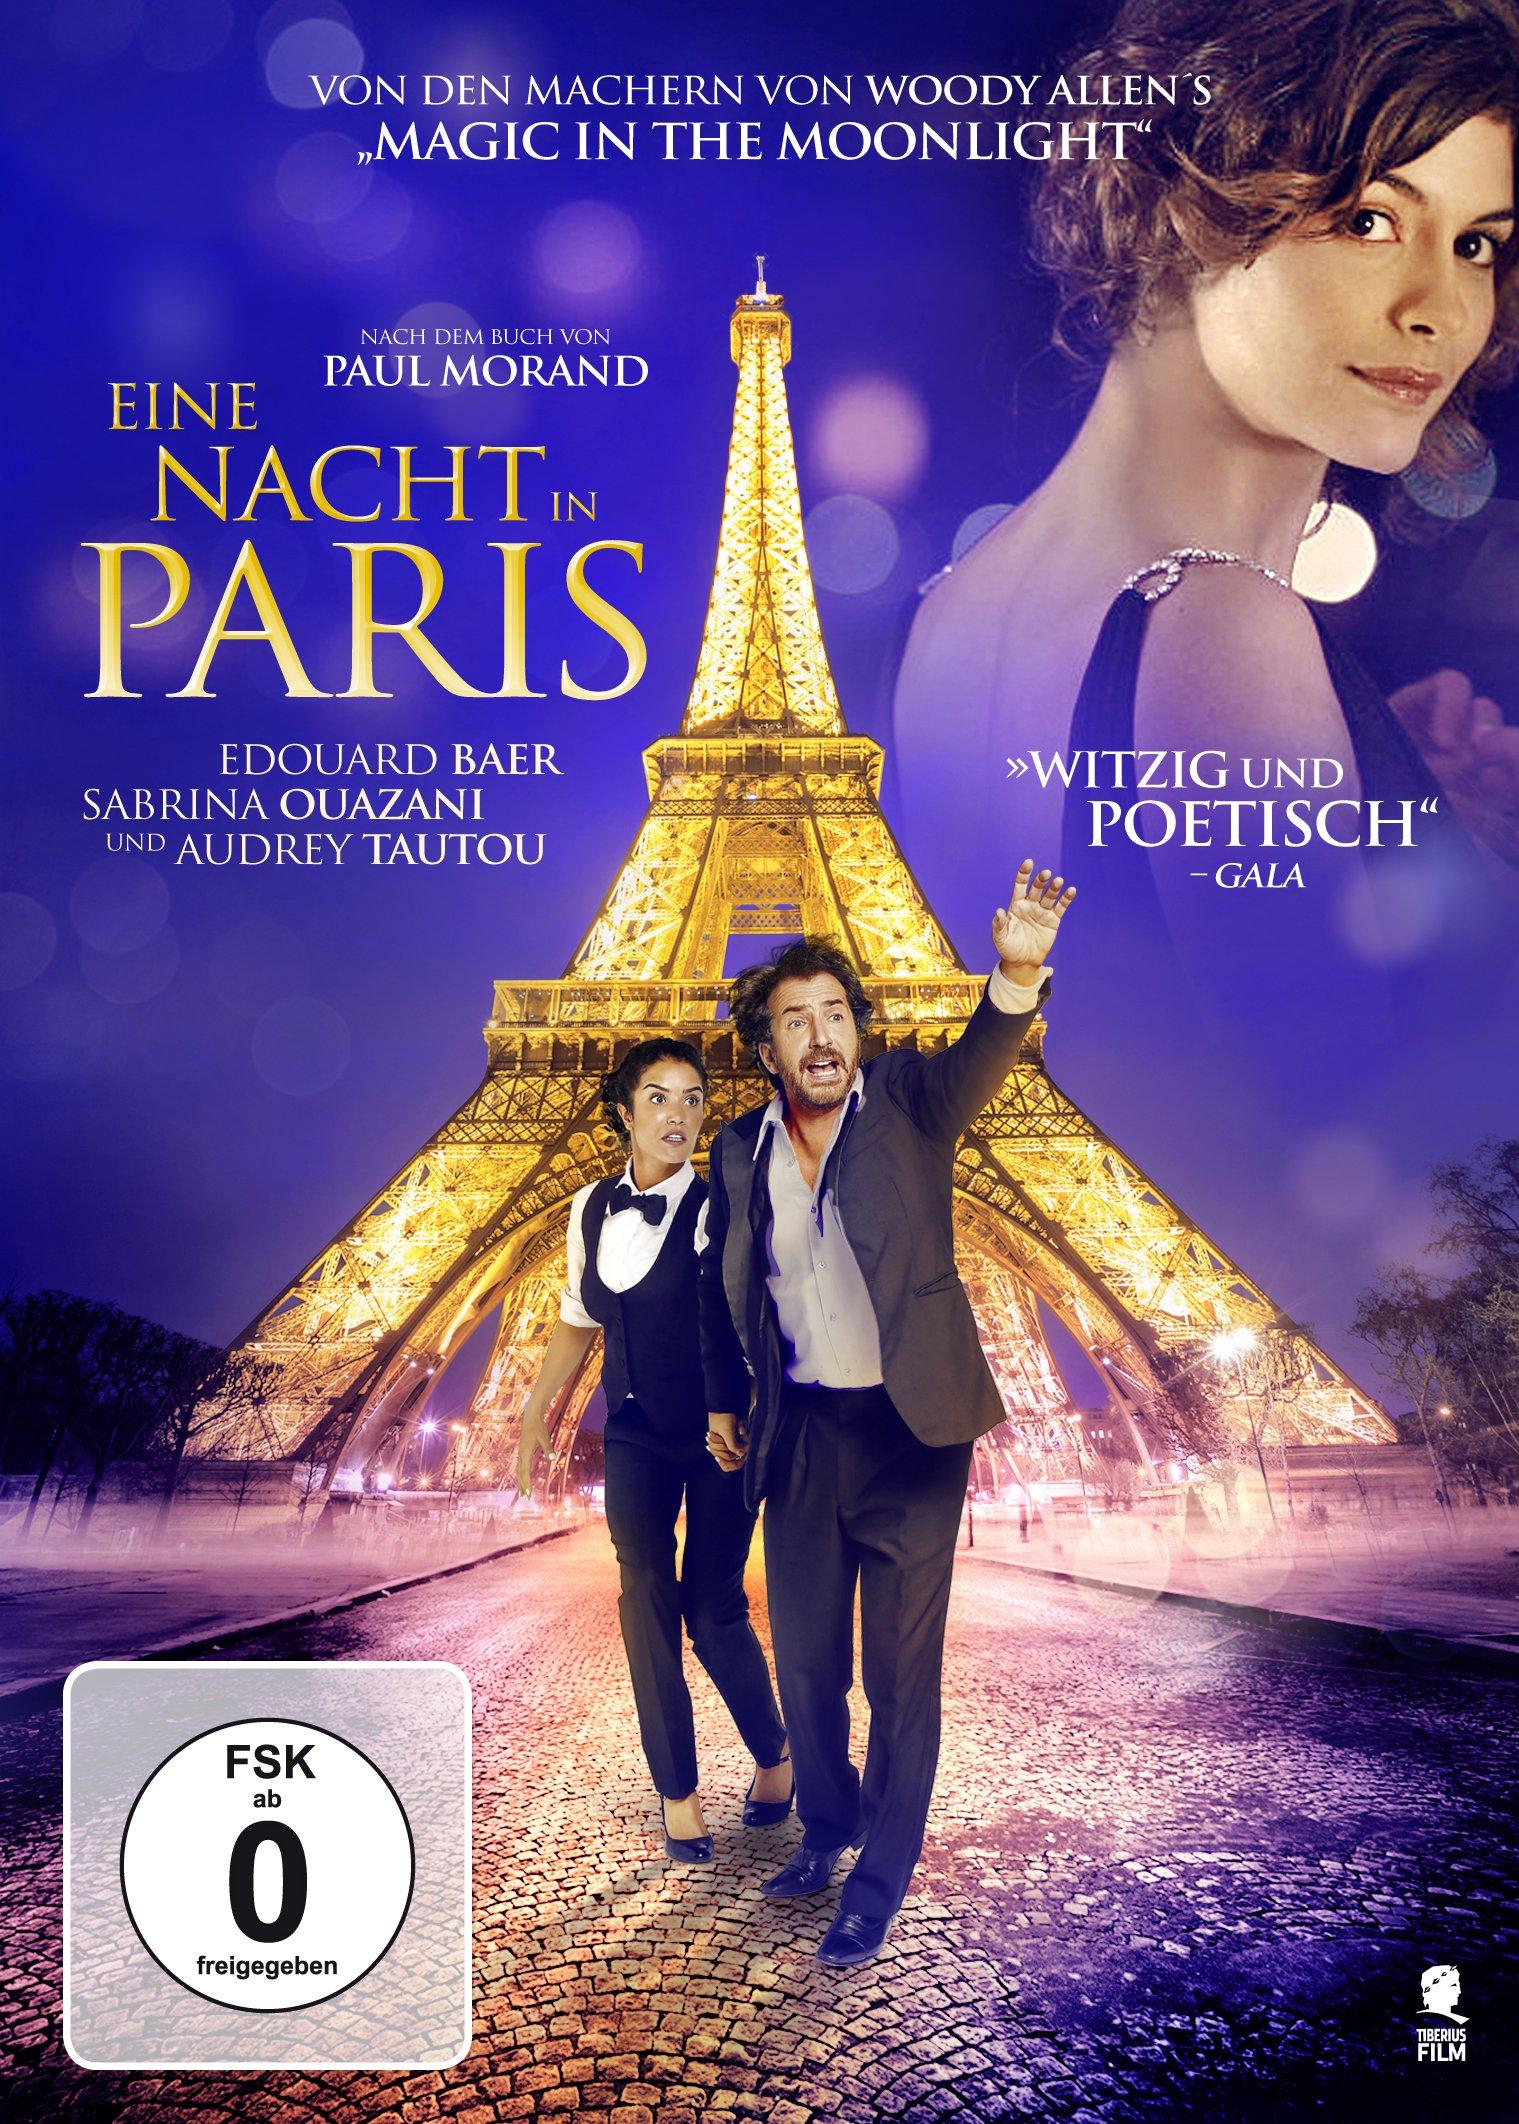 Eine.Nacht.in.Paris.2016.German.AC3.BDRiP.XViD.HaN